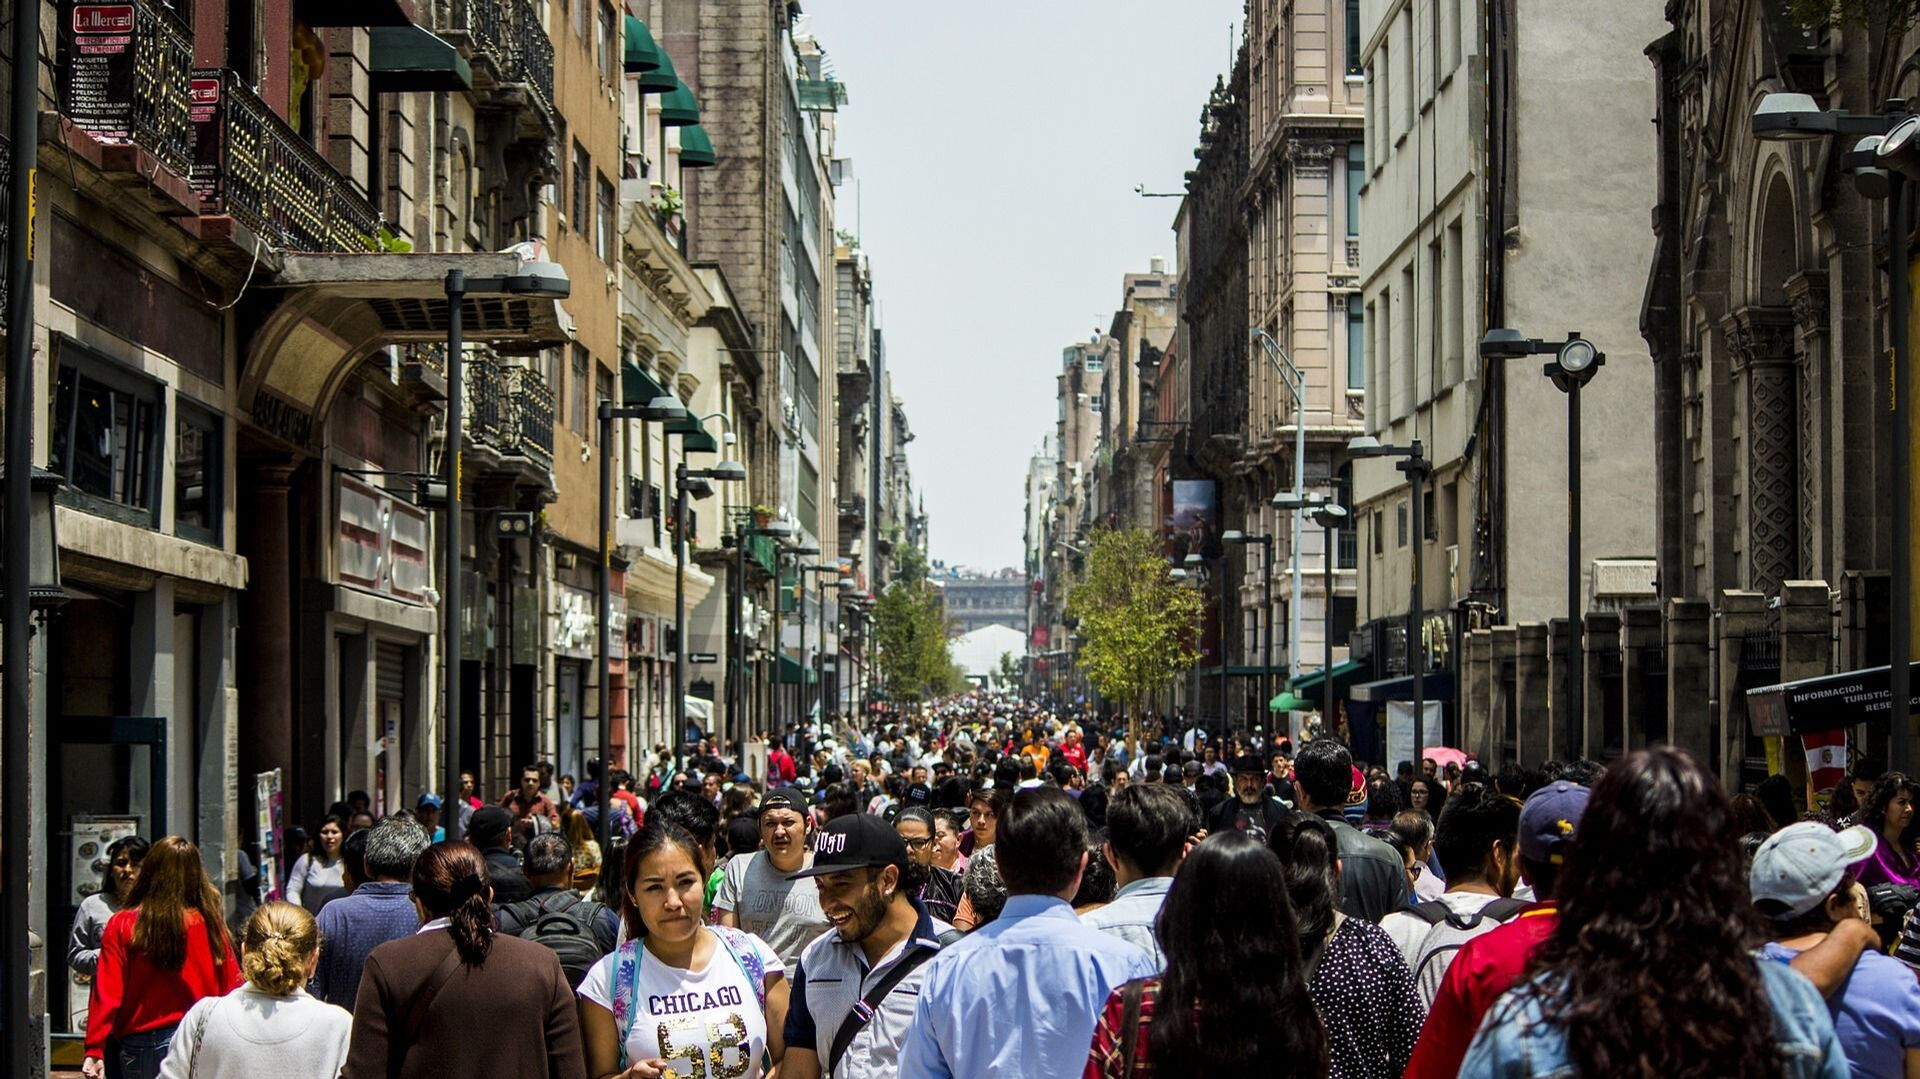 Una calle en Ciudad de México. Imagen referencial - Sputnik Mundo, 1920, 19.07.2021